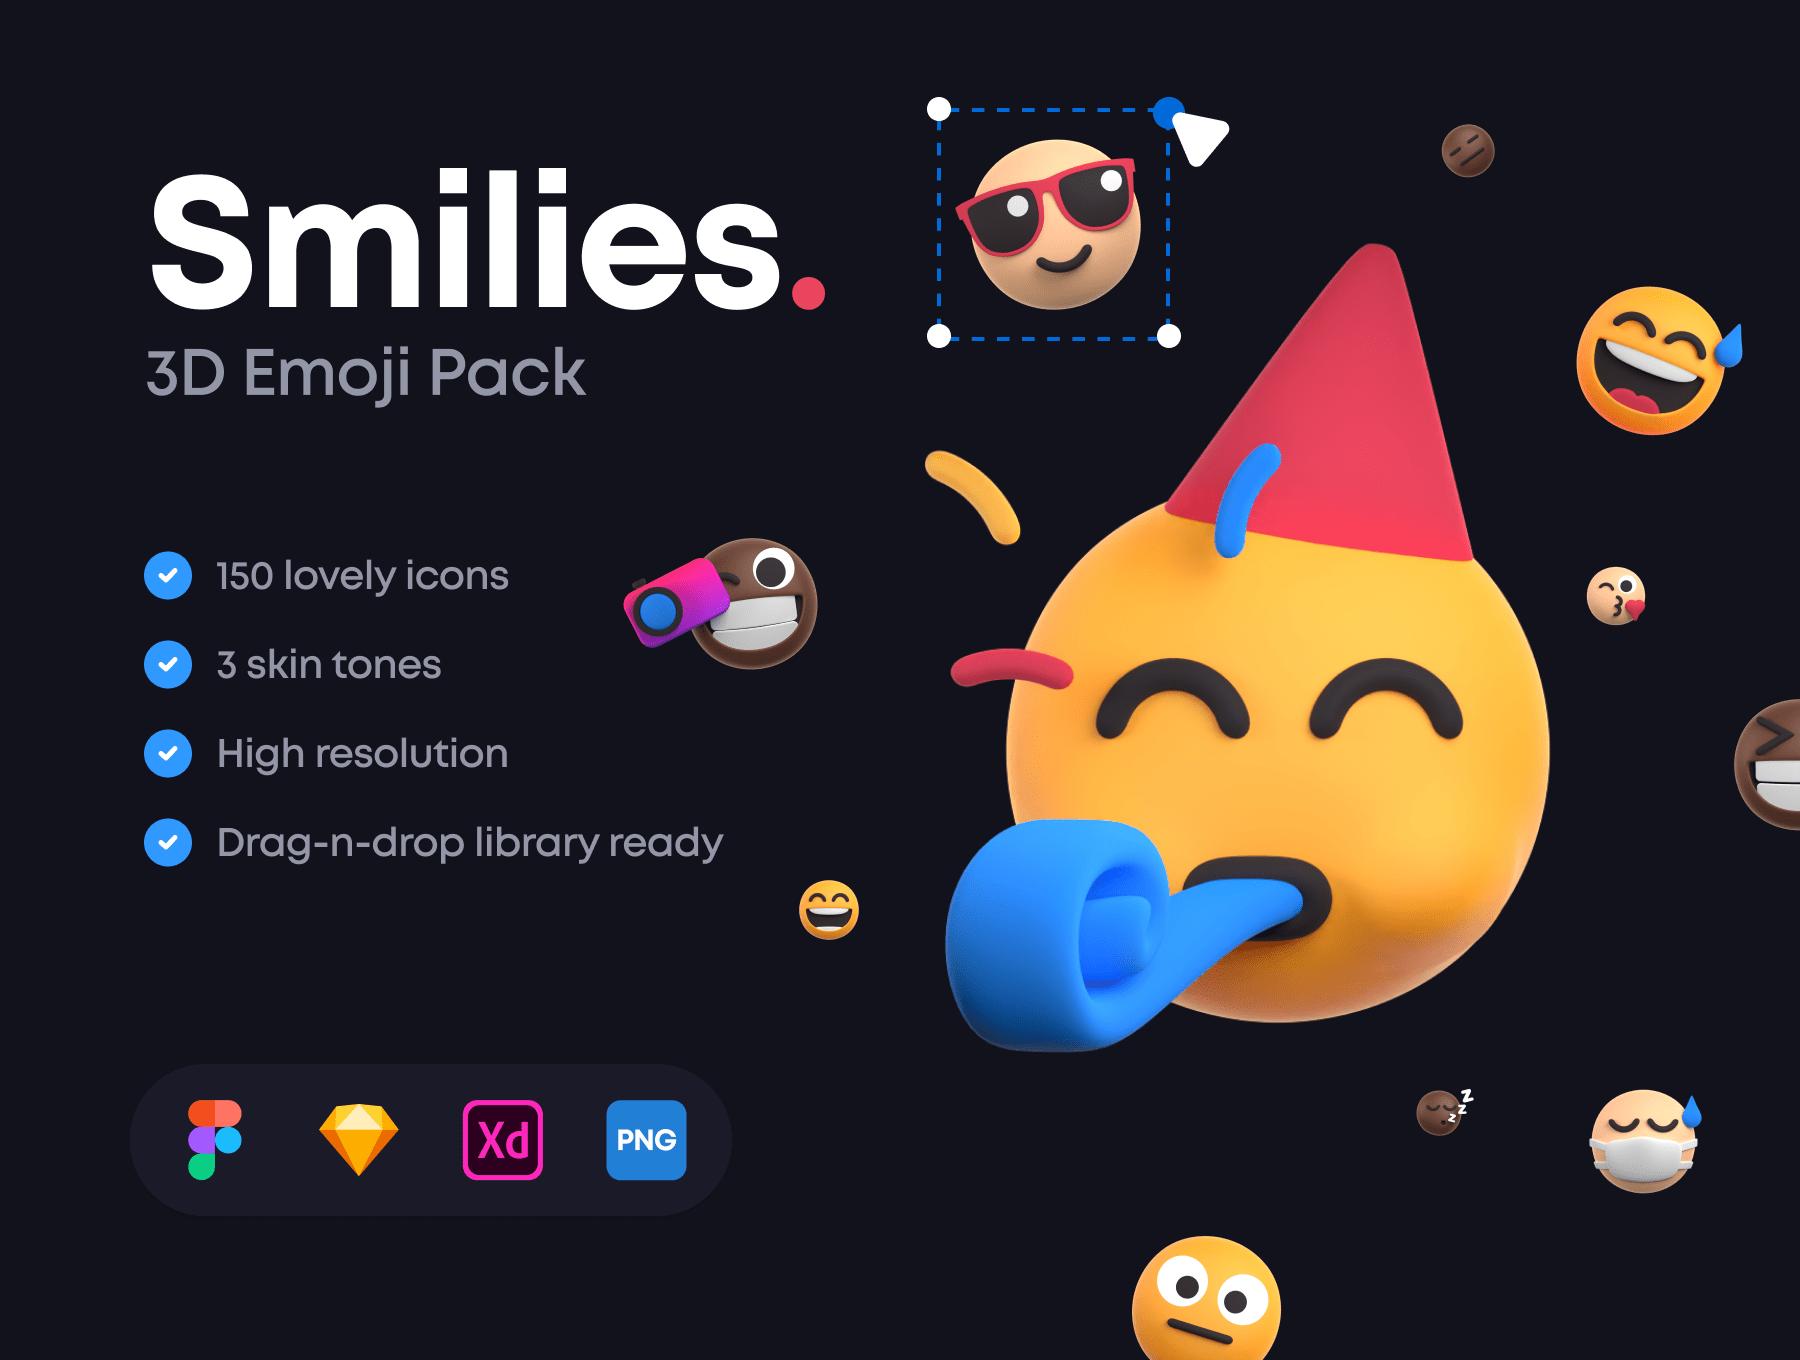 [VIP] Smilies: 3D Emoji Pack